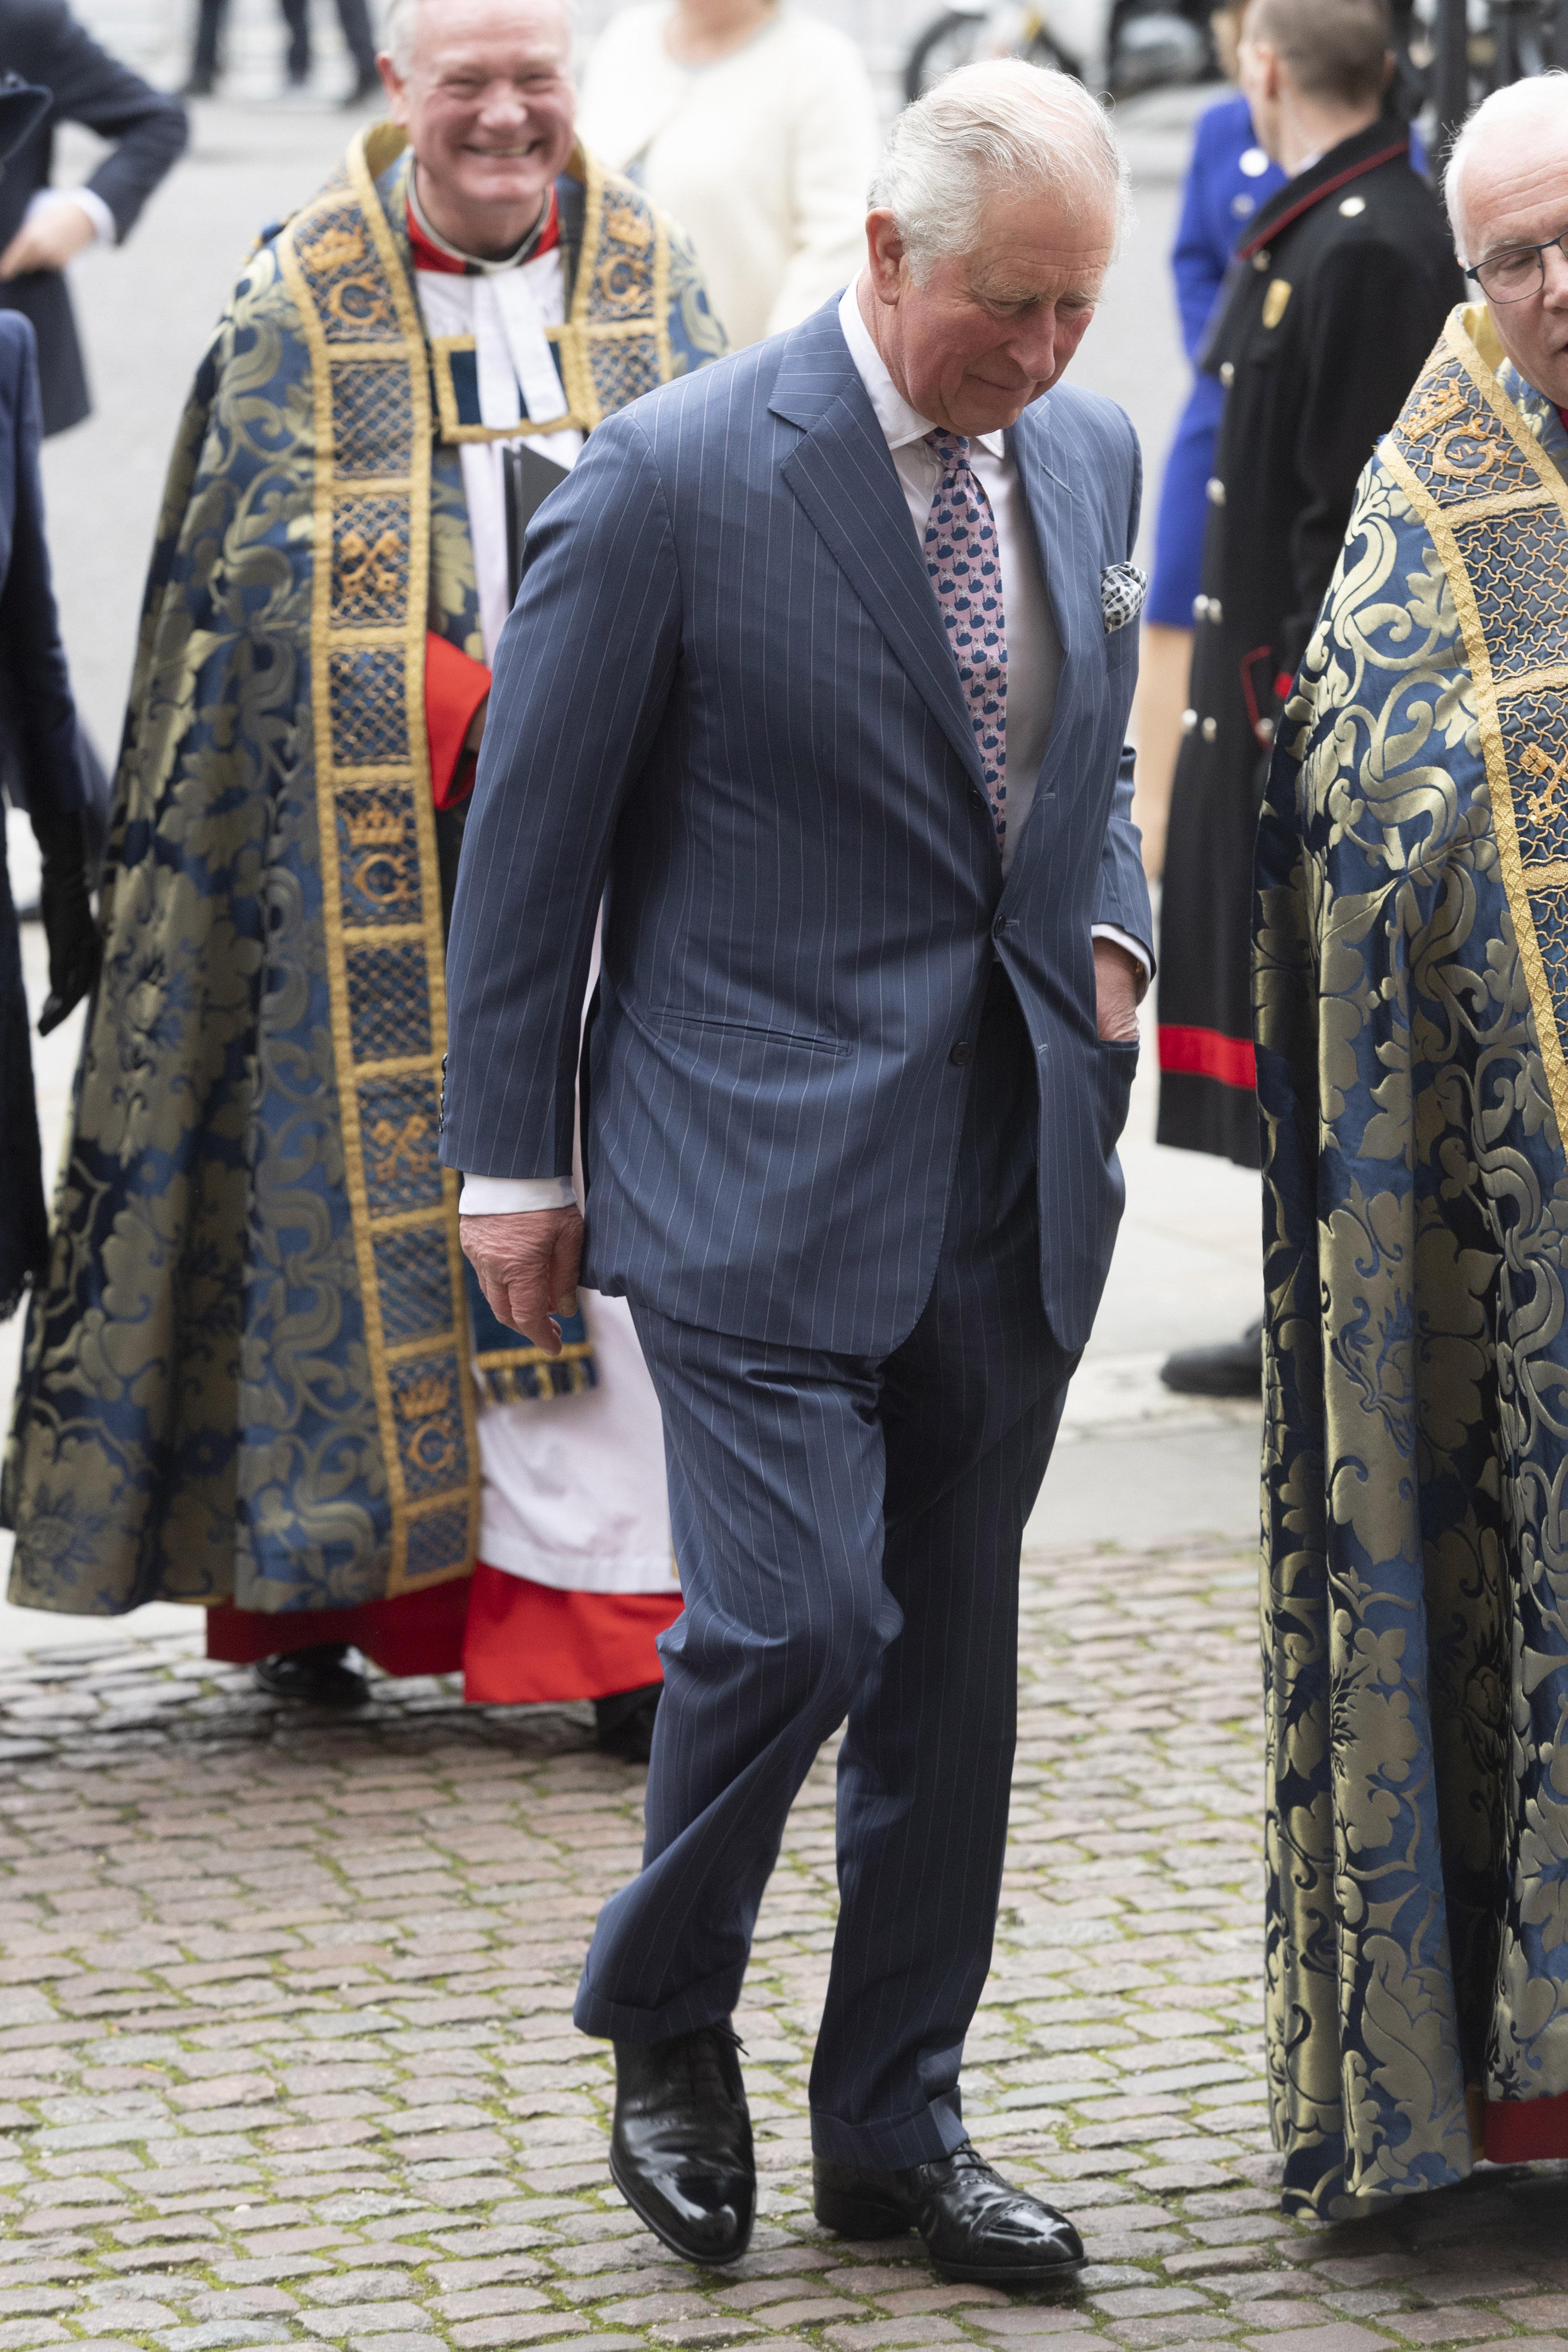 英国王储查尔斯新冠病毒检测呈阳性